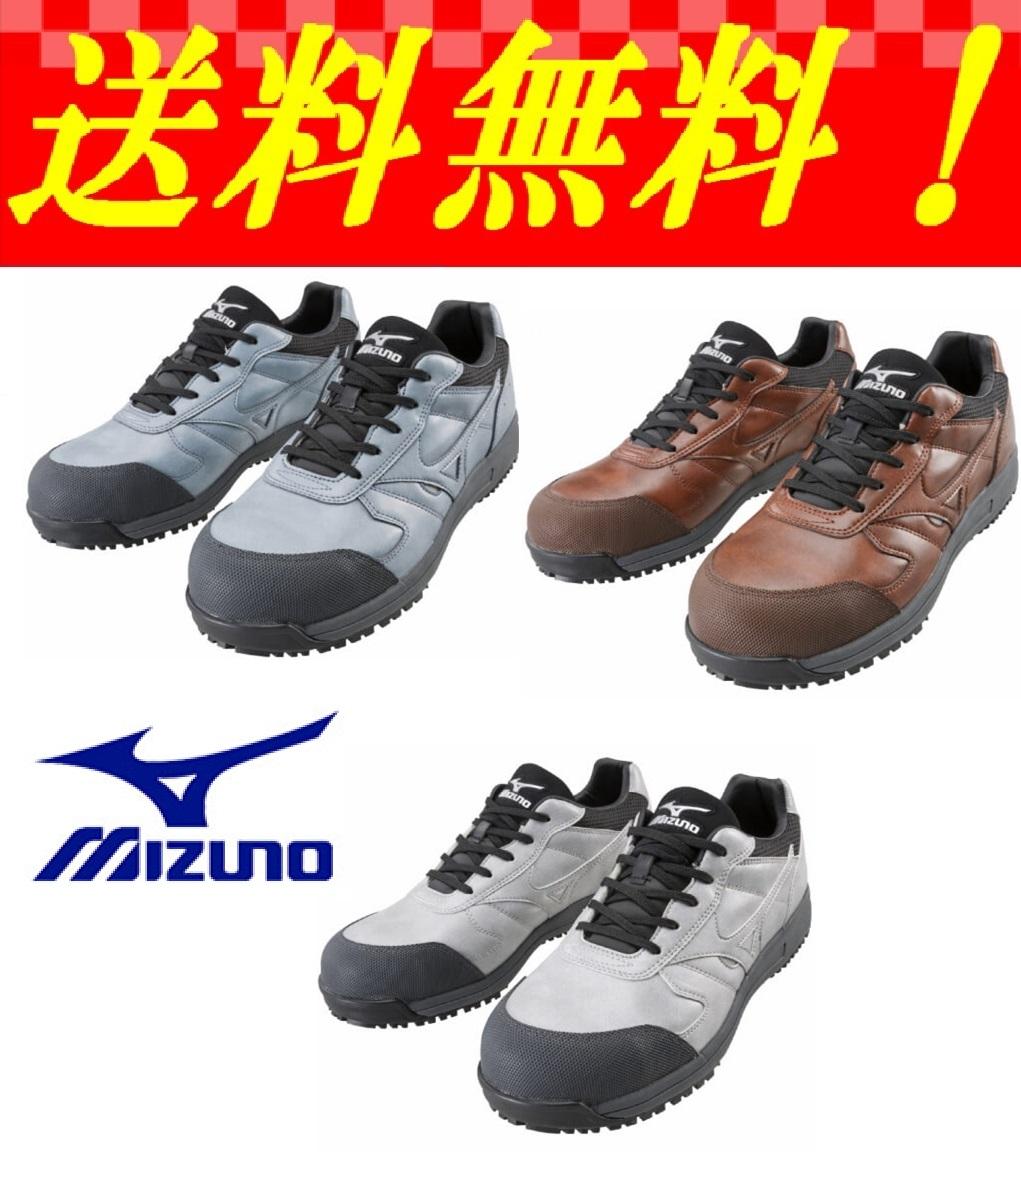 防水【送料無料】MIZUNO 安全靴 ミズノワーキング C1GA1800 ワーキングシューズ  紐タイプ